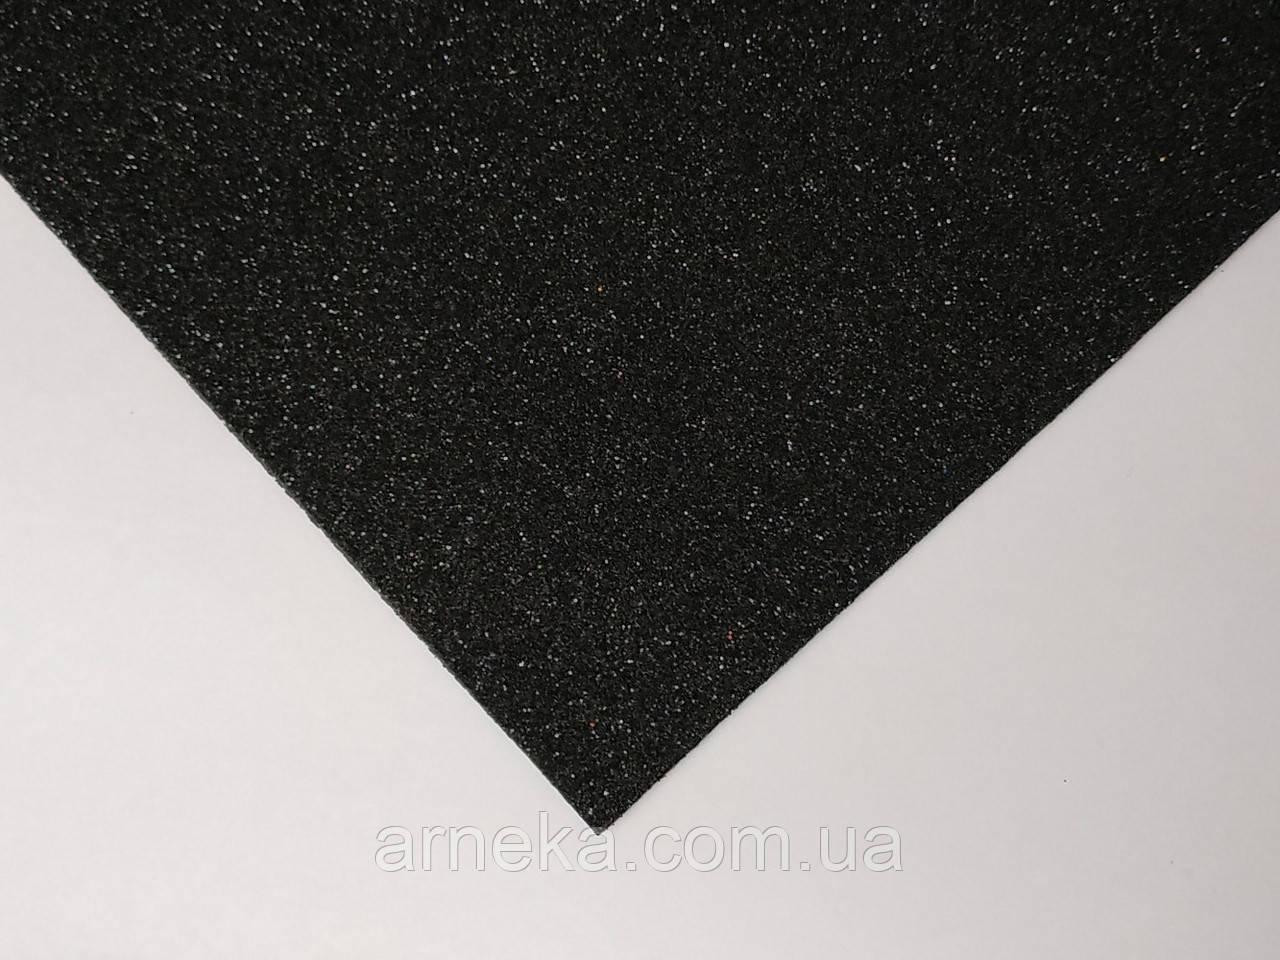 Фоамиран с глиттером 20*30 черный